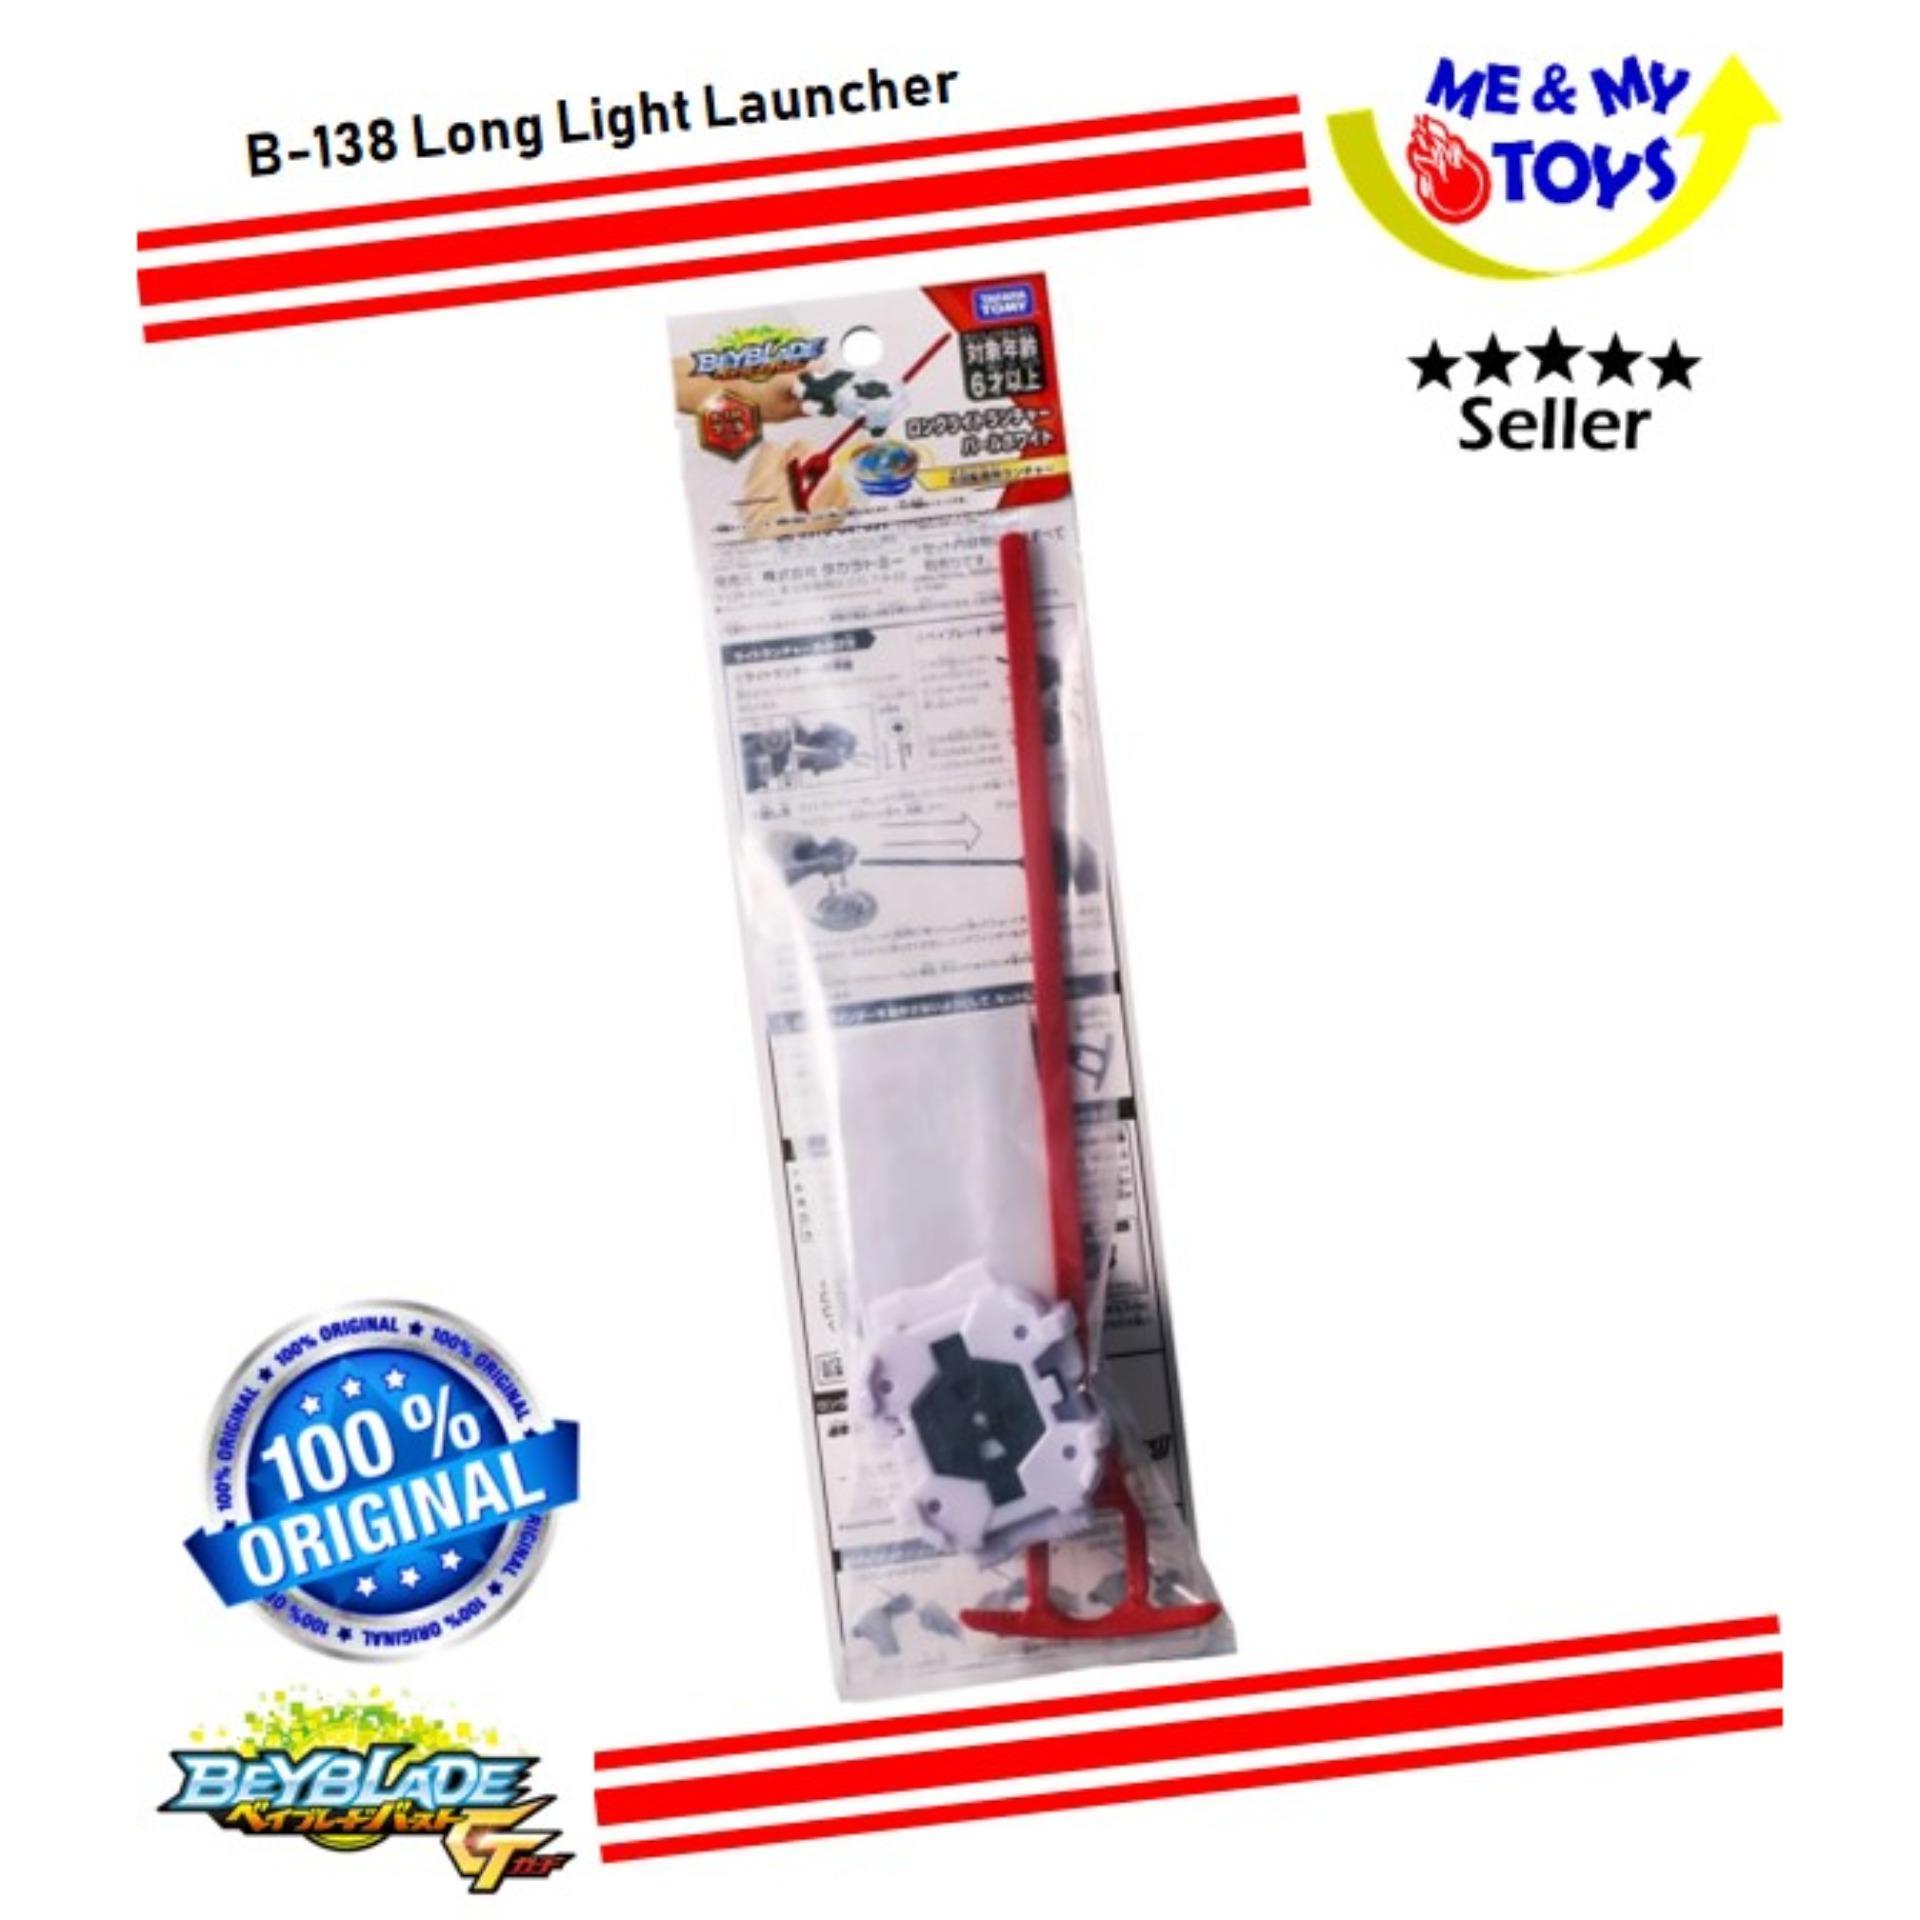 Takara Tomy Beyblade Burst GT B-138 Long Light Launcher Pearl White US Seller